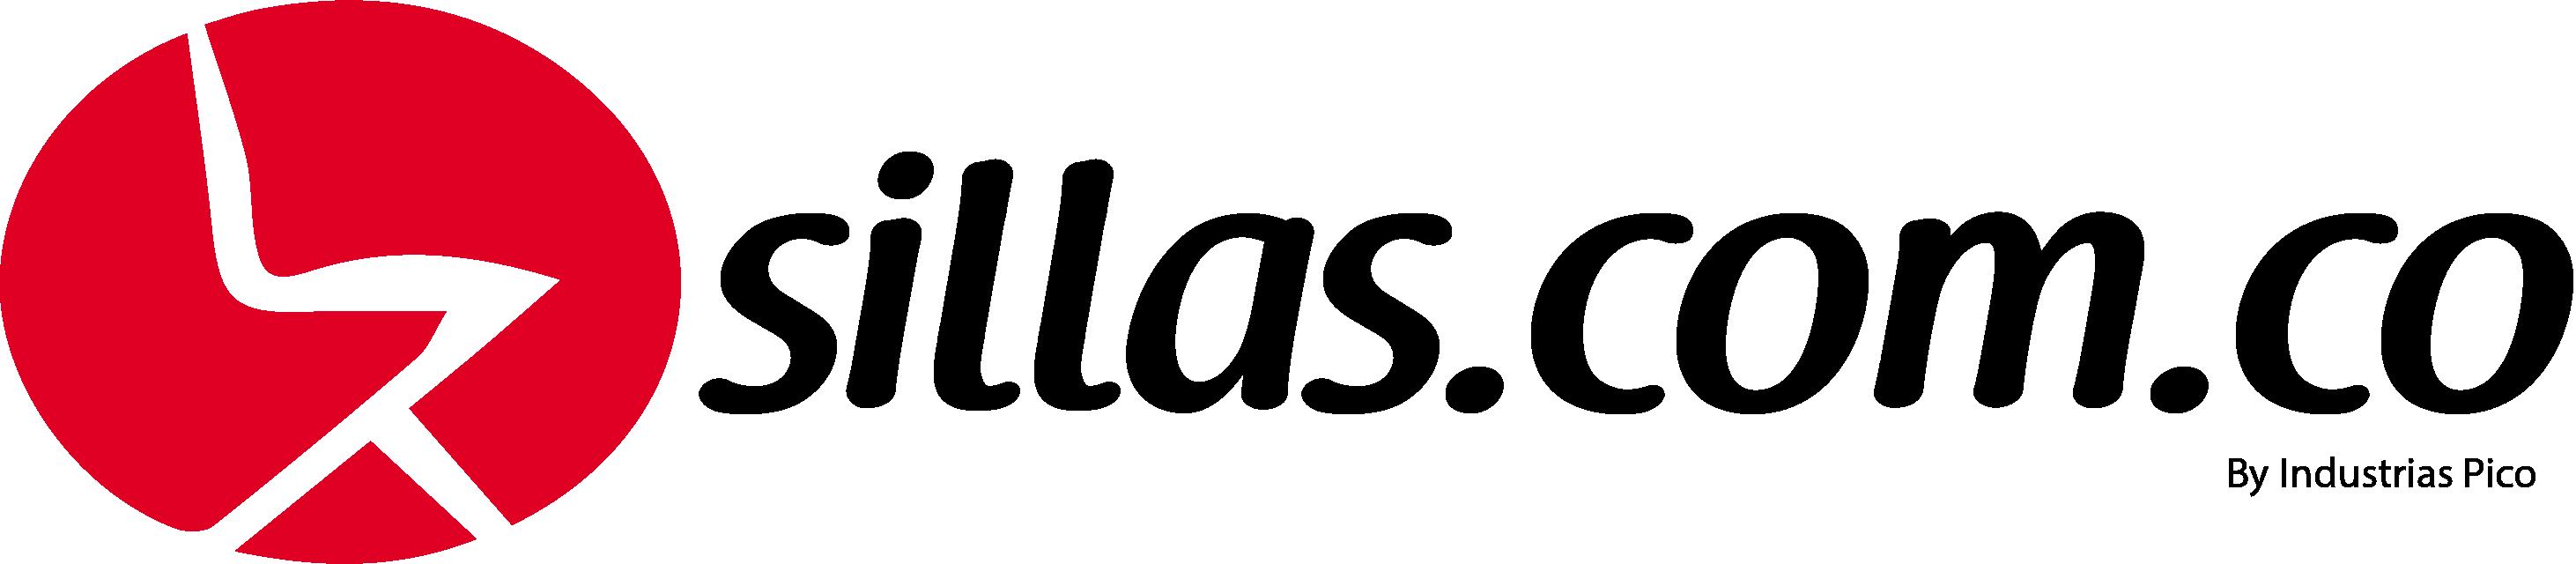 sillas.com.co